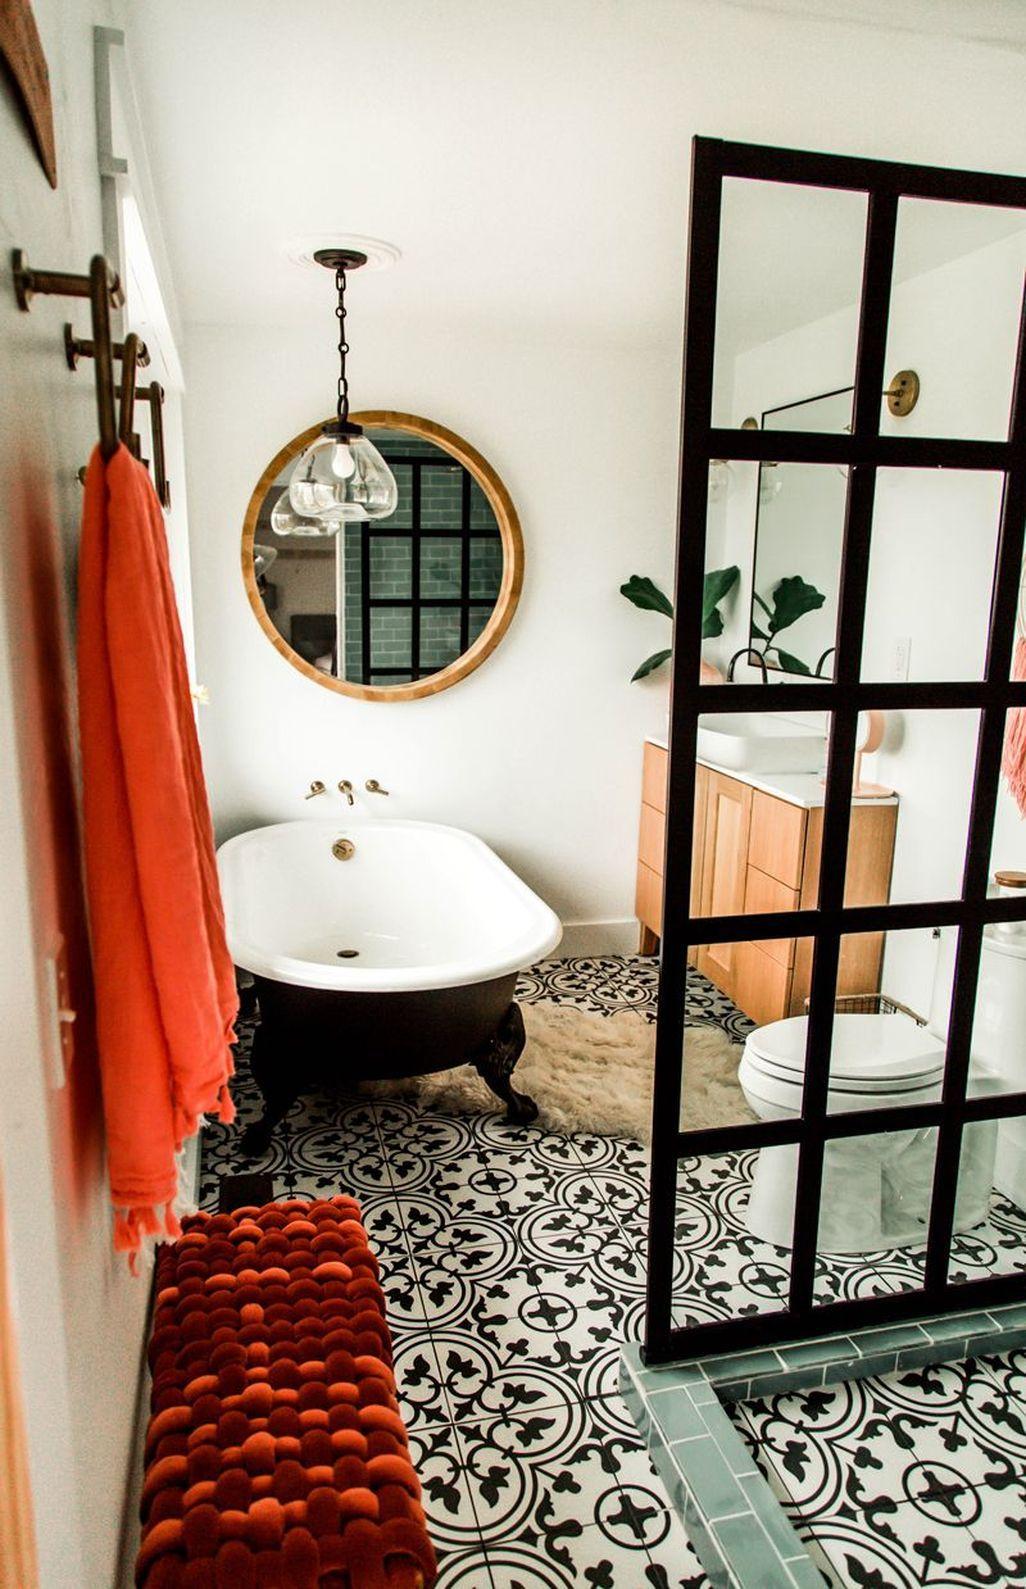 45 Amazing Modern Small Bathroom Design Ideas In 2020 Small Bathroom Decor Small Bathroom Renovation Bathroom Design Small